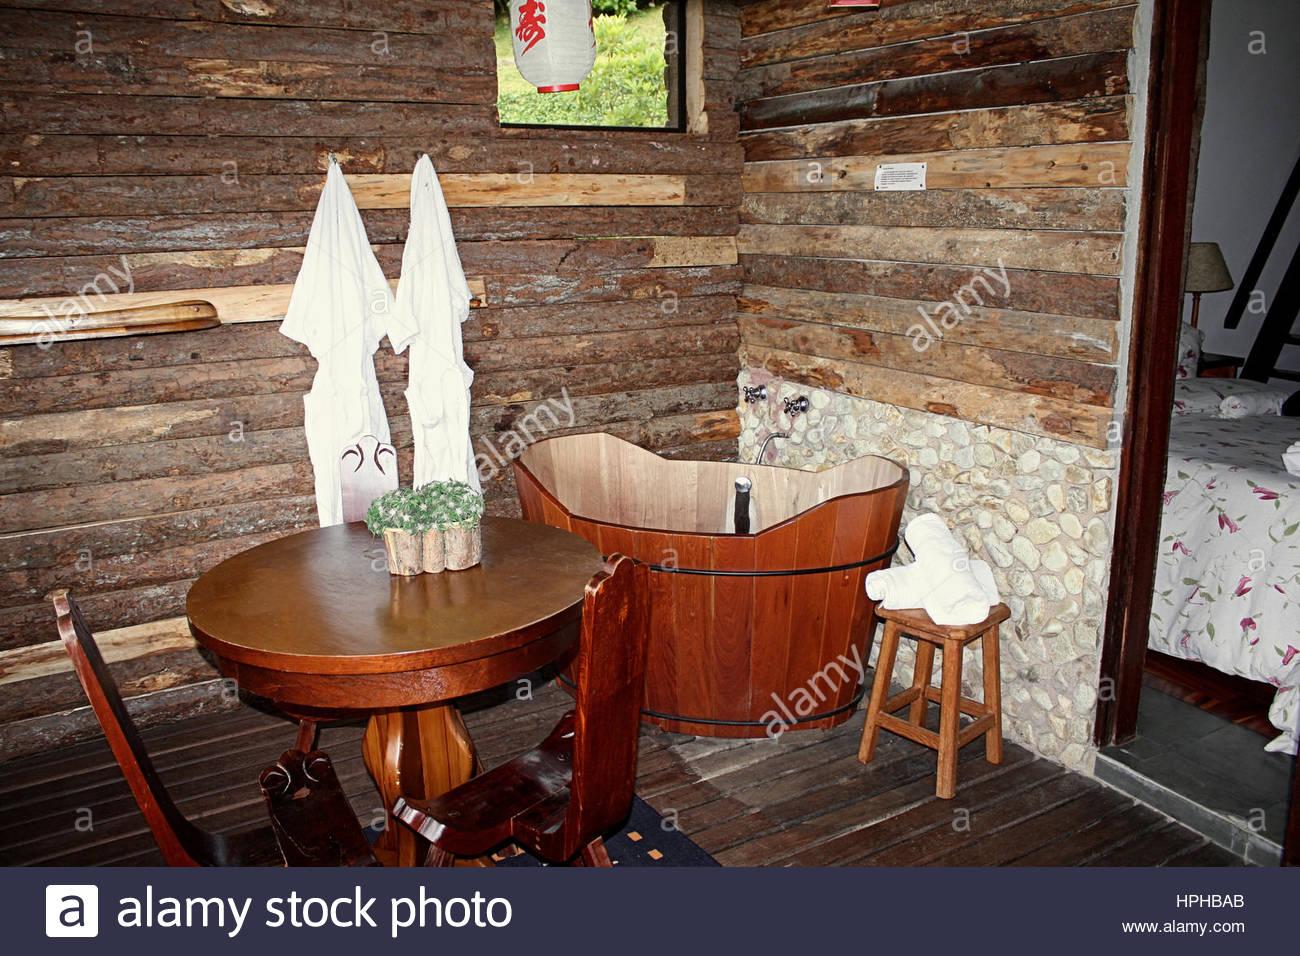 Baignoire ofuro japonais chambre rustique en bois Banque D ...